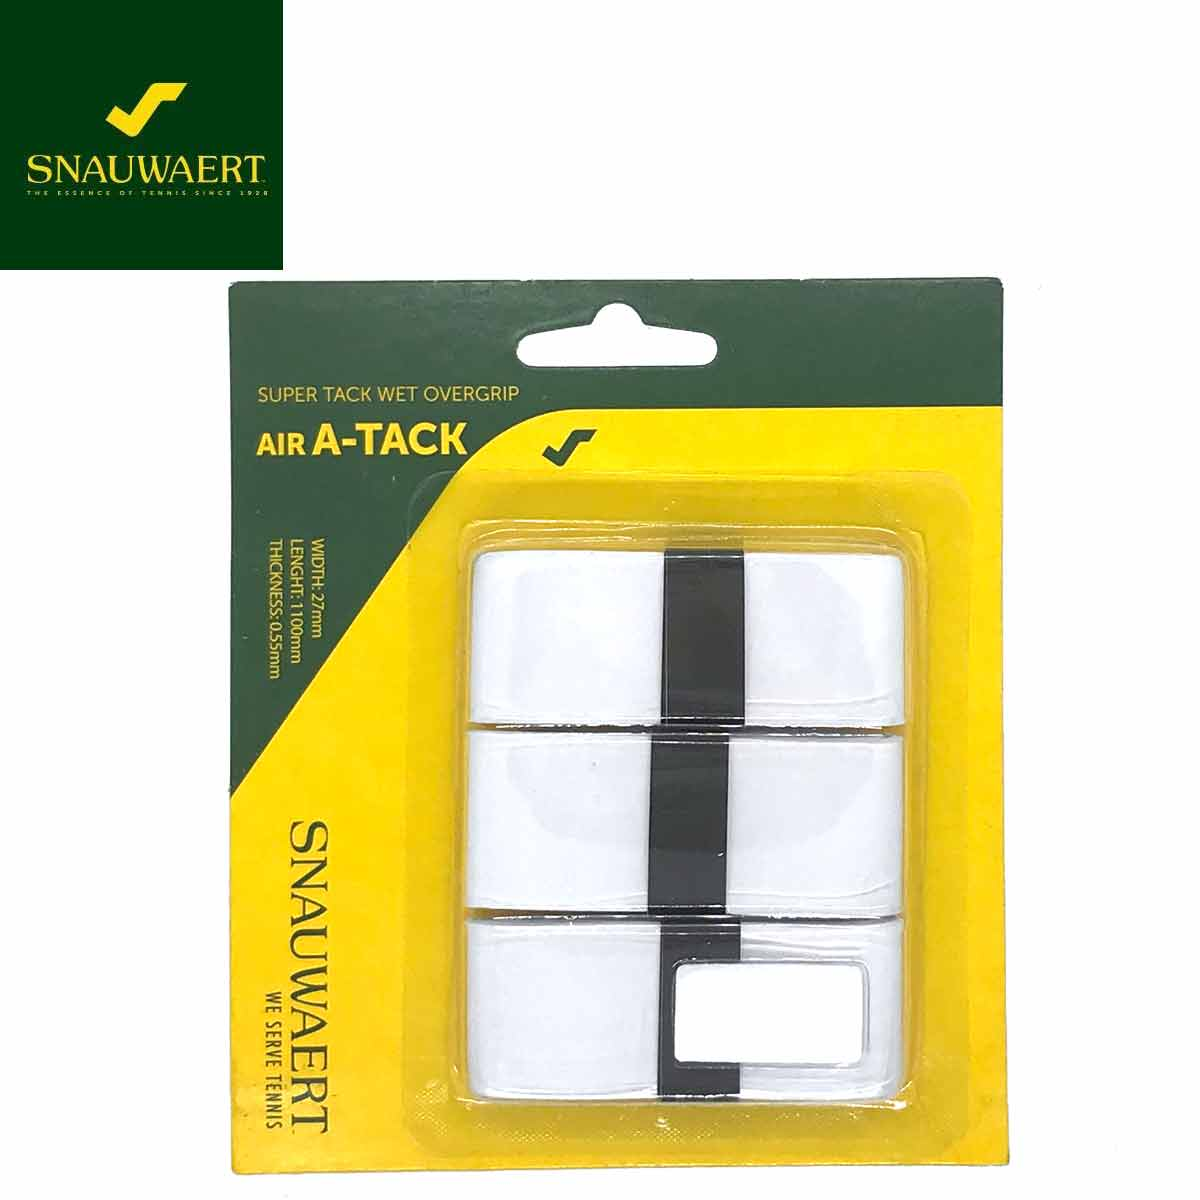 スノワート グリップテープ エアアタック 3本入り | SNAUWAERT AIR A-TACK 3pc